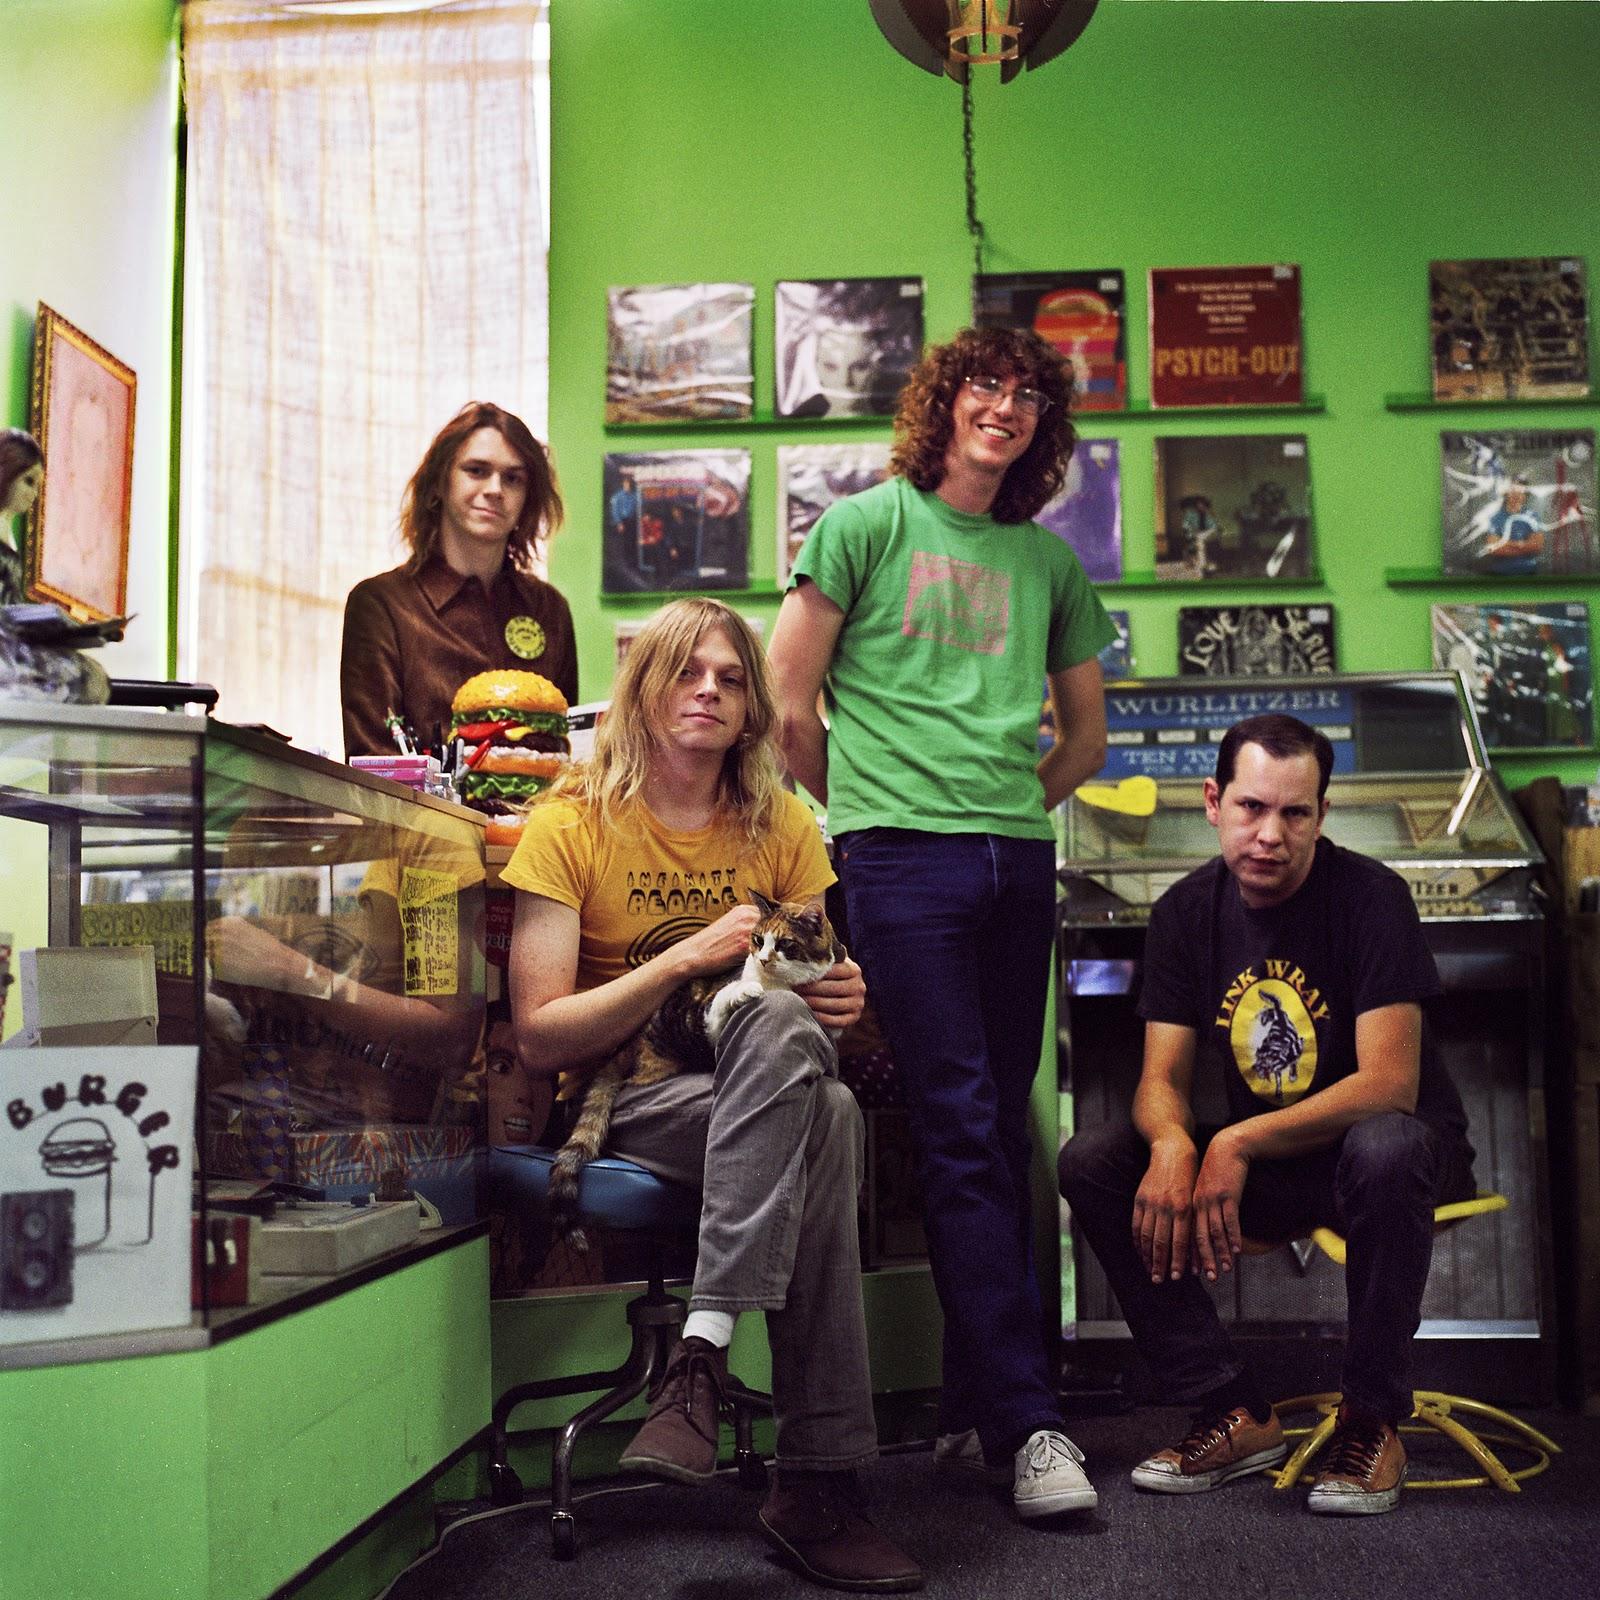 http://2.bp.blogspot.com/-BAn0Ge7nAVY/TuVnpHJ8Z0I/AAAAAAAAAoE/Y3XdiUR4Dhk/s1600/BurgerRecords_1_2_8x8color.jpg